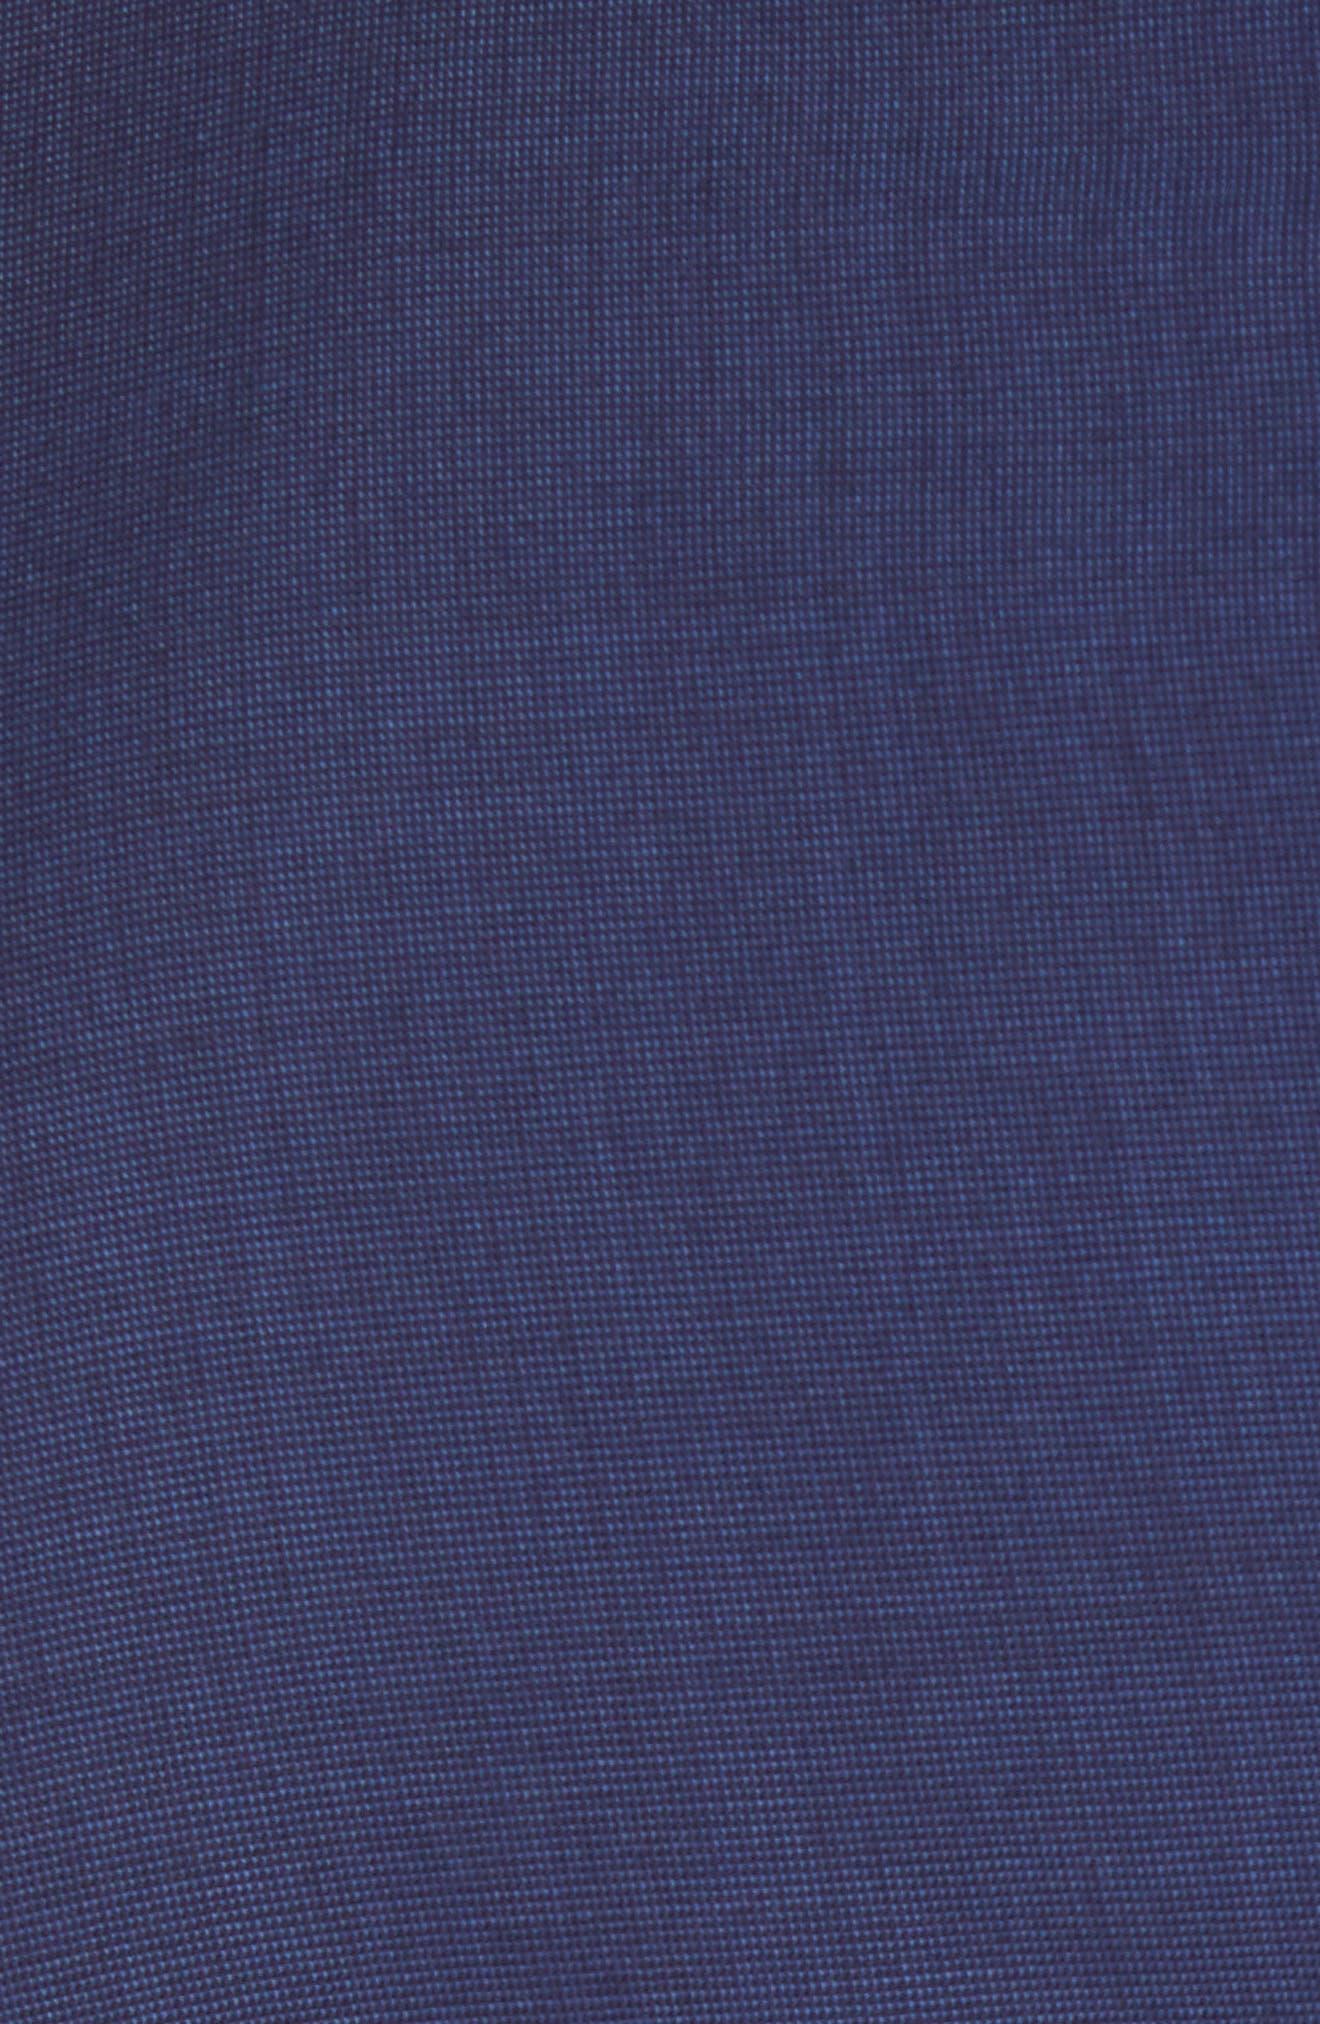 Jay Trim Fit Suit,                             Alternate thumbnail 7, color,                             BLUE